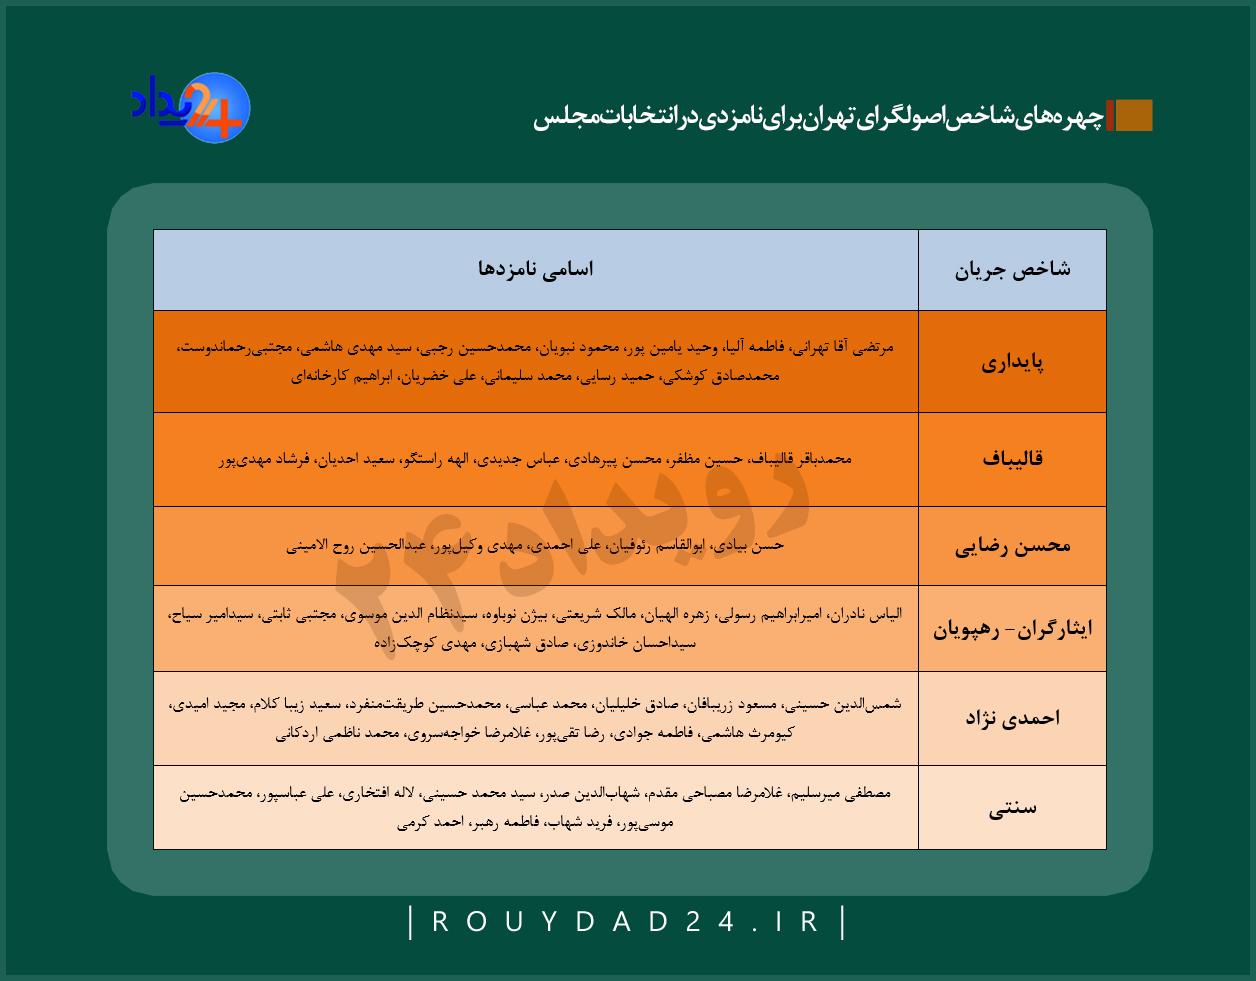 لیست اصولگرایان انتخابات مجلس یازدهم